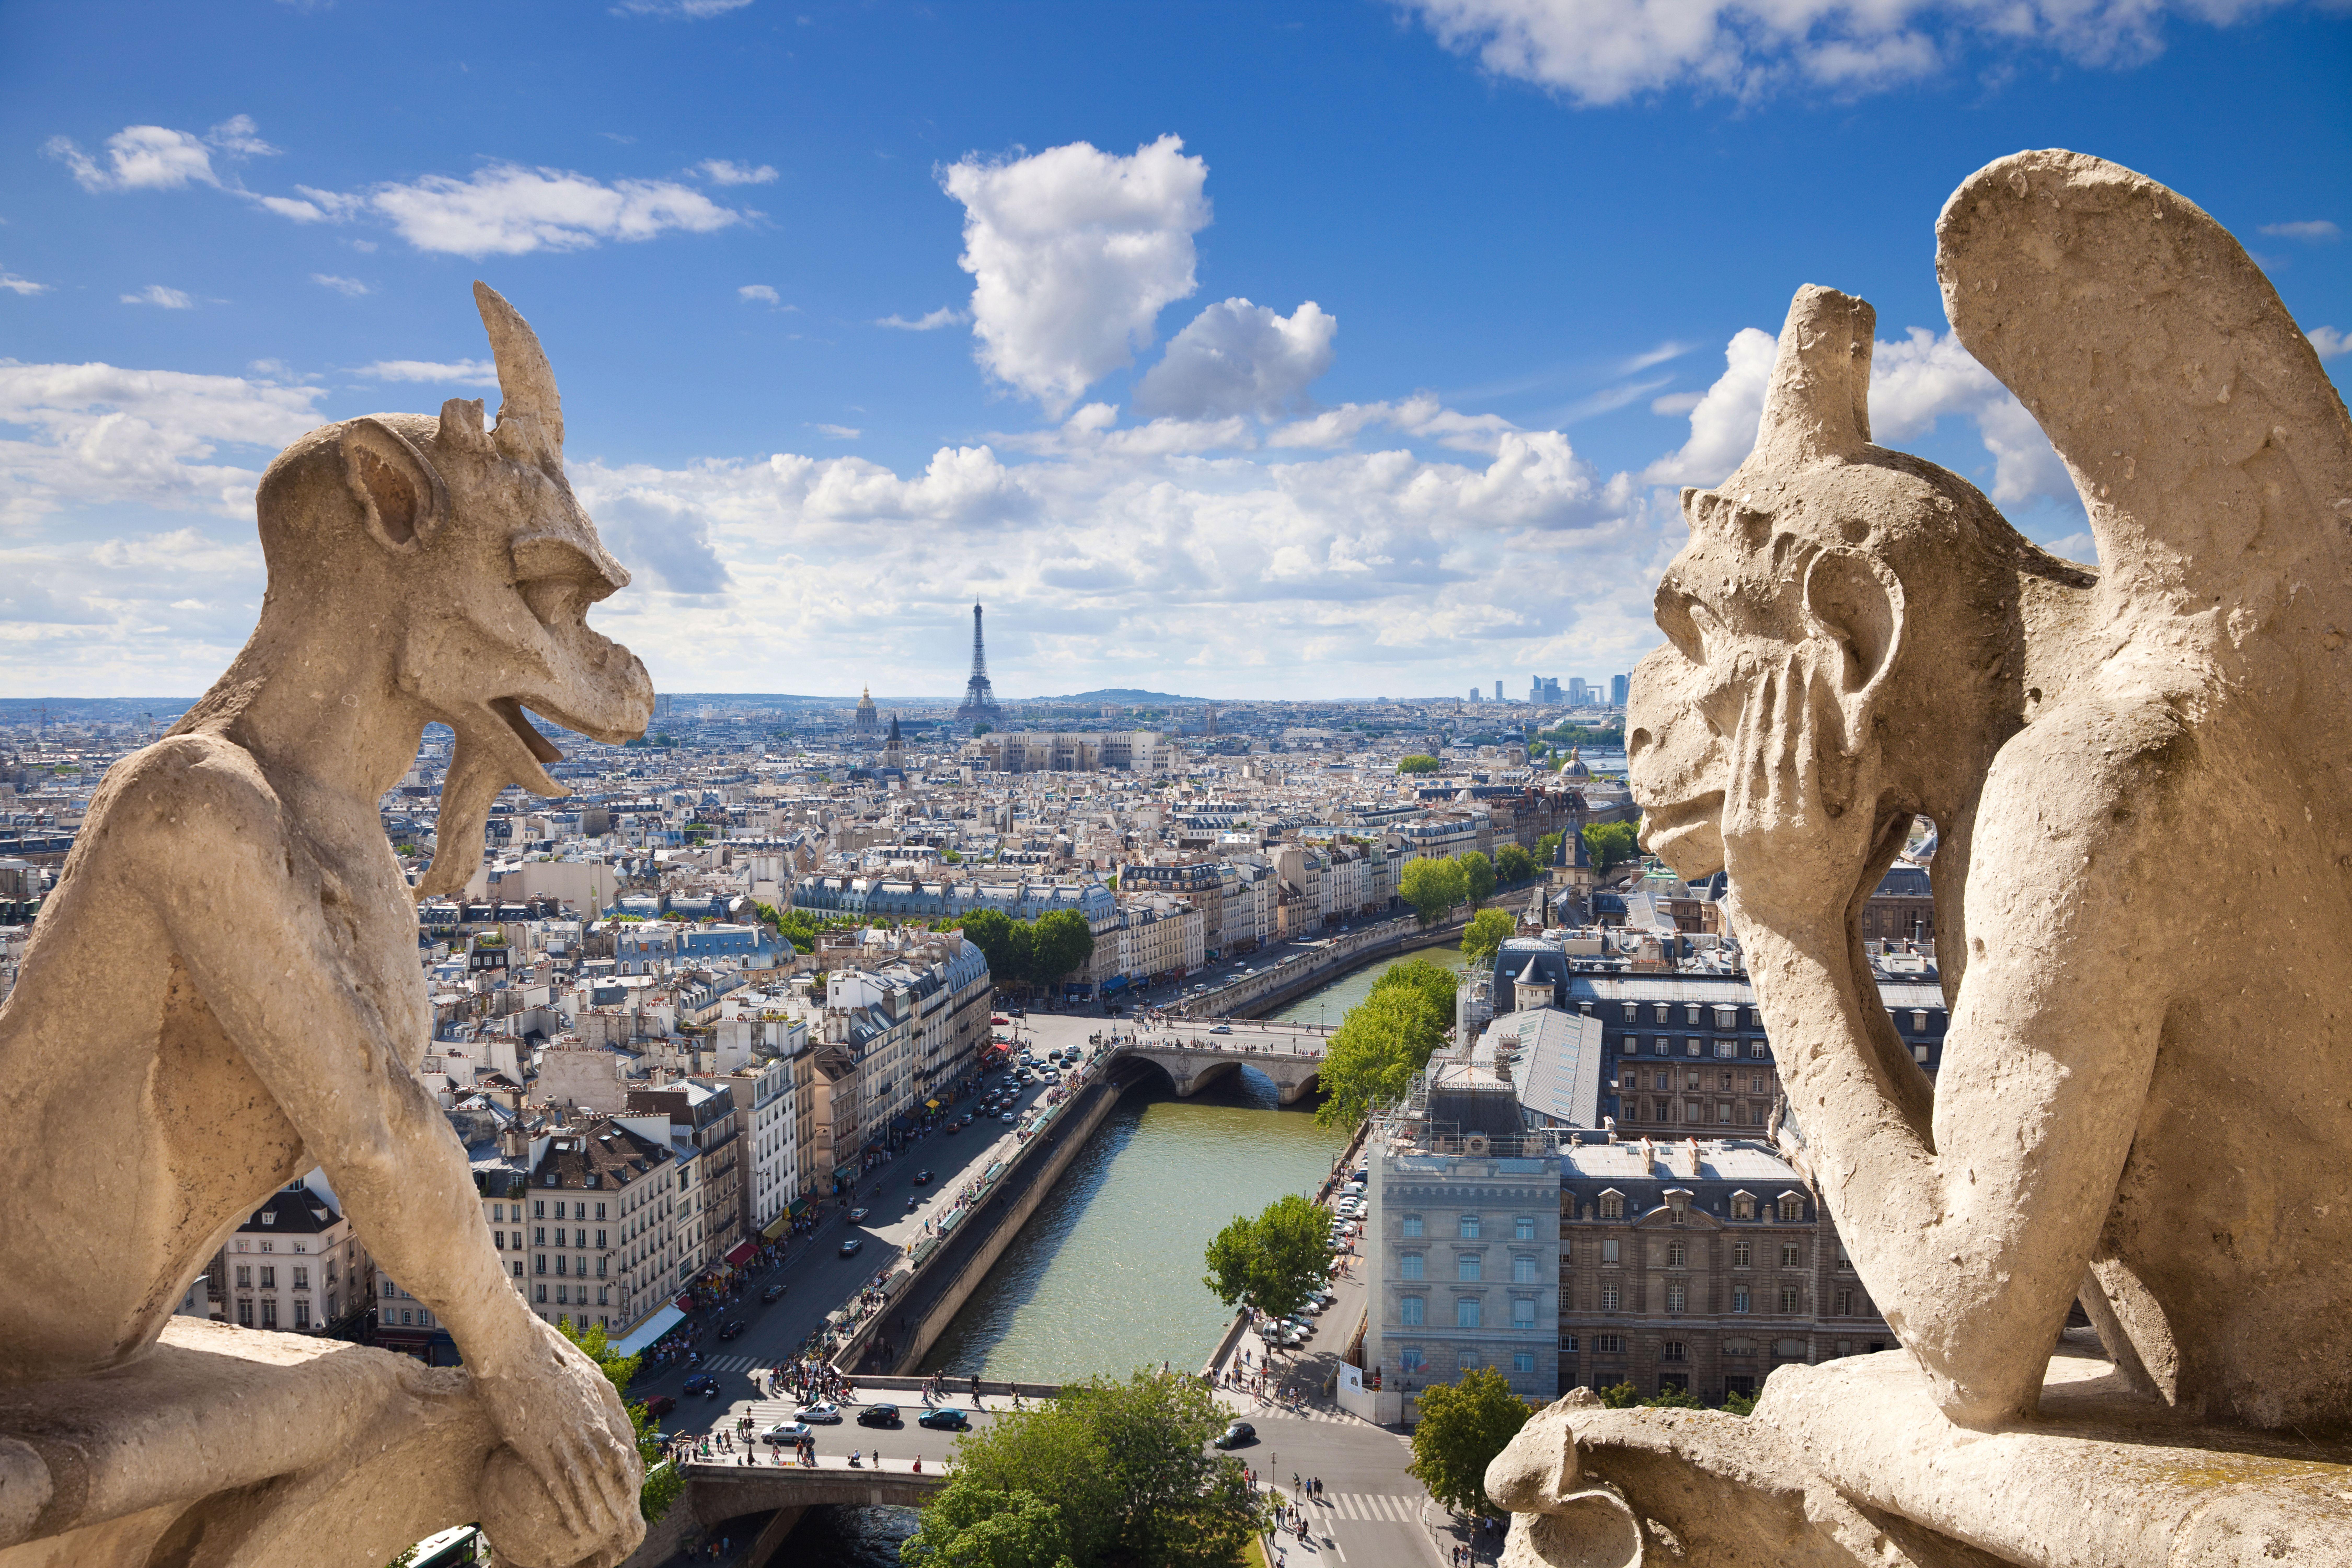 notre-dame-de-paris-france-notre-dame-de-paris-the-scene-of-the-city-view-view-gargoyles